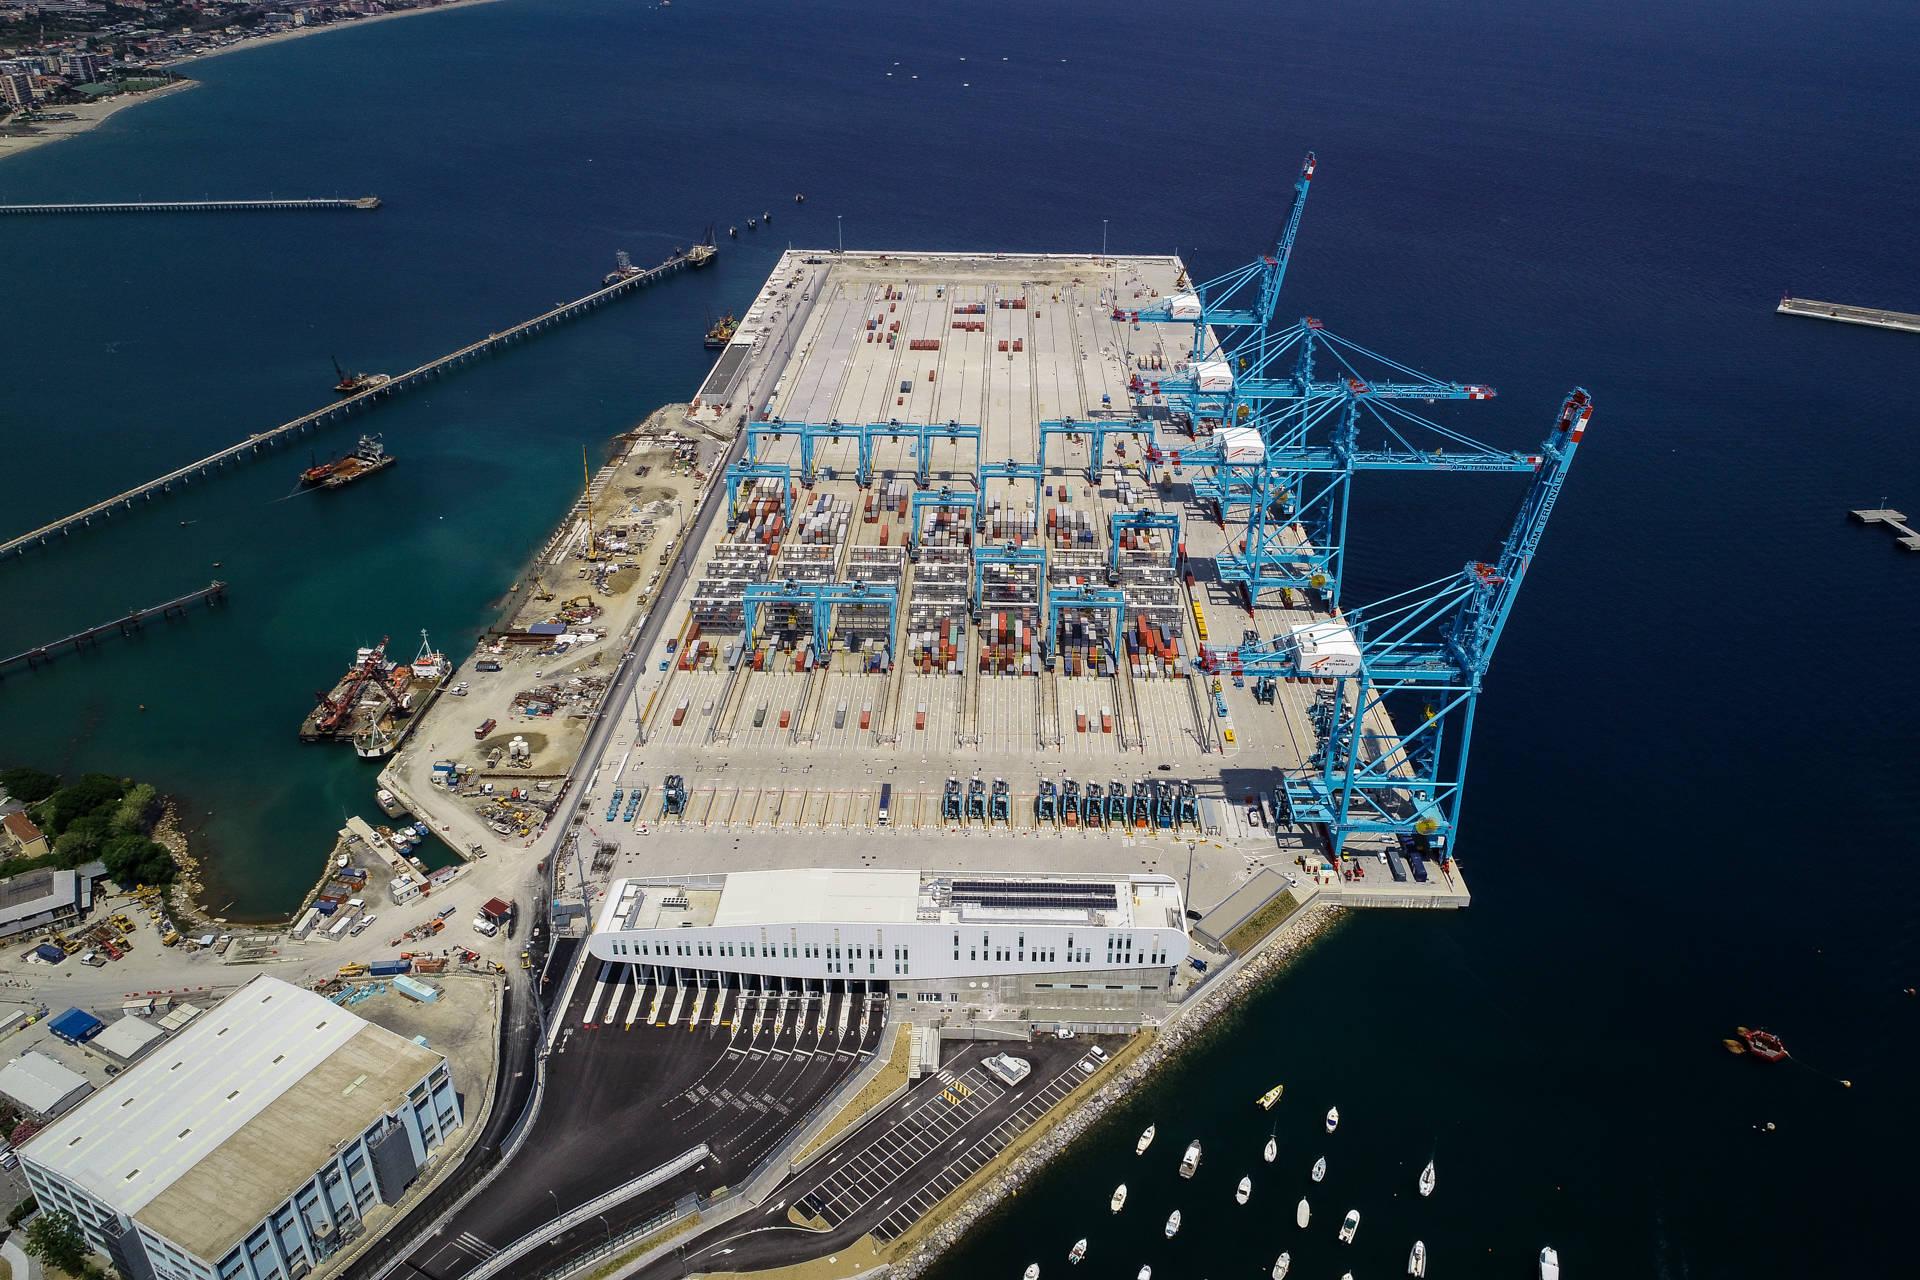 山东港口青岛港意大利瓦多项目二期土建工程建设完成